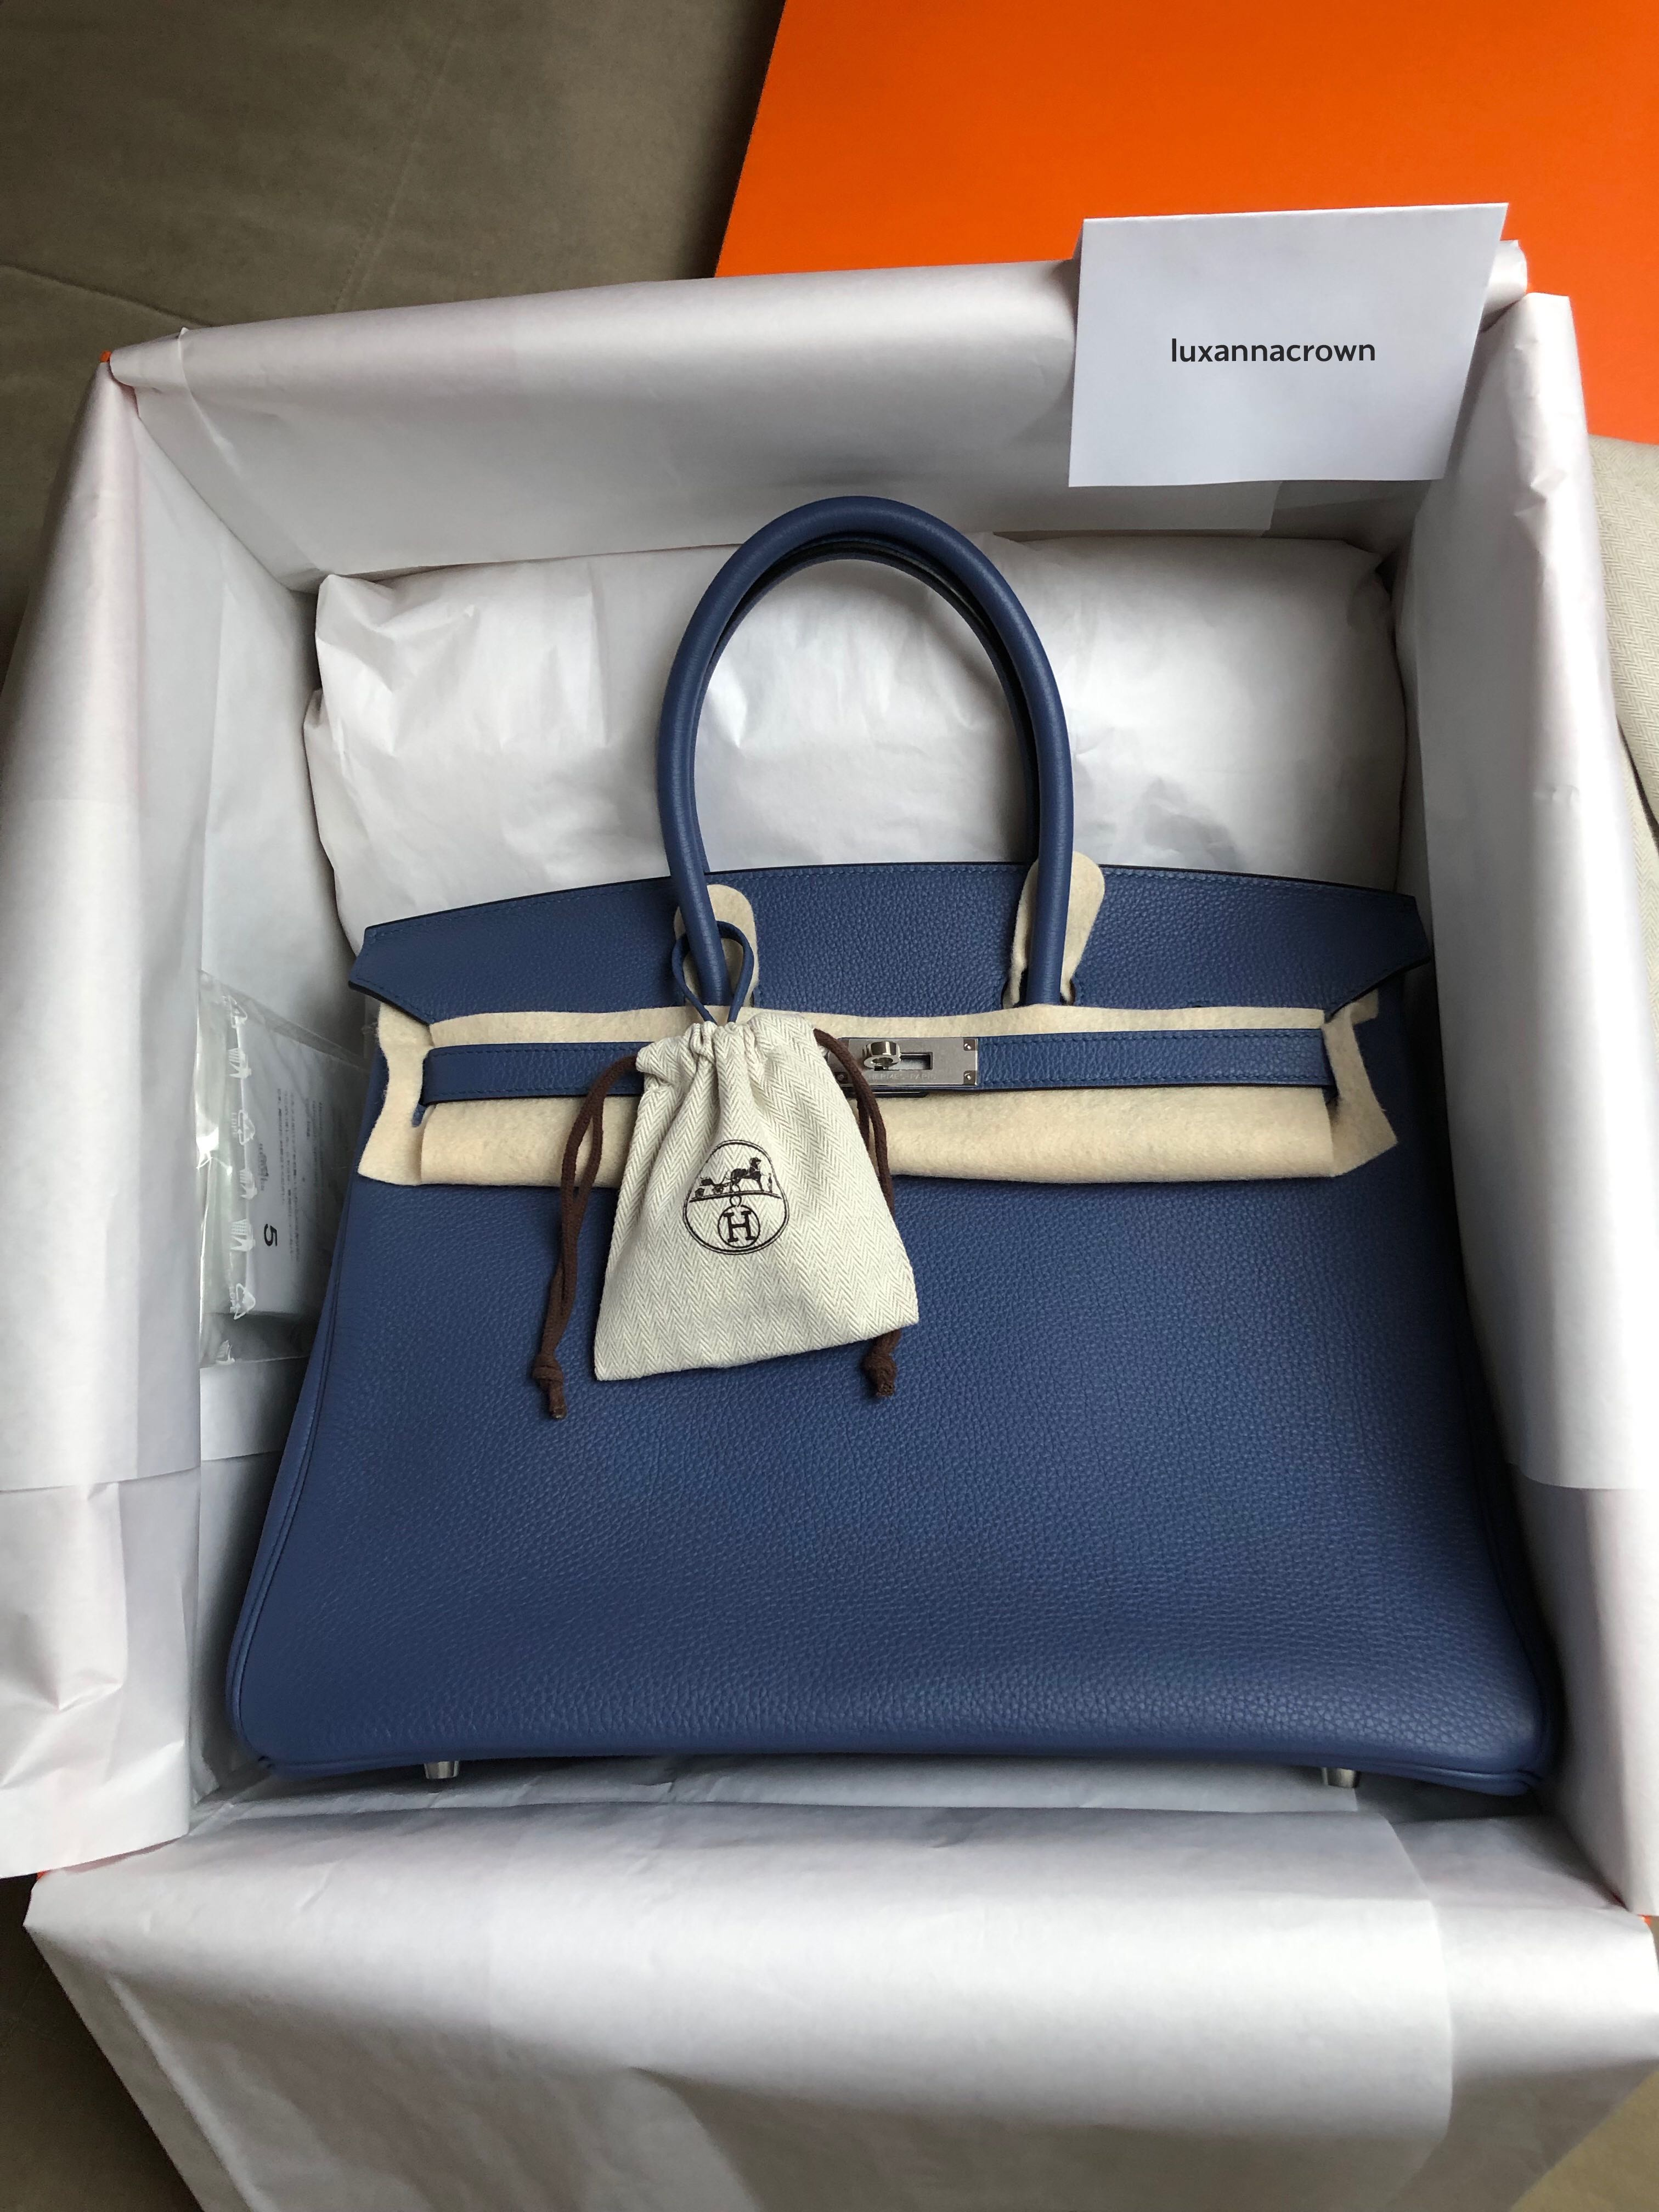 0e5a3b80e437 Authentic Hermes Birkin 35 Bleu Agate Togo PHW